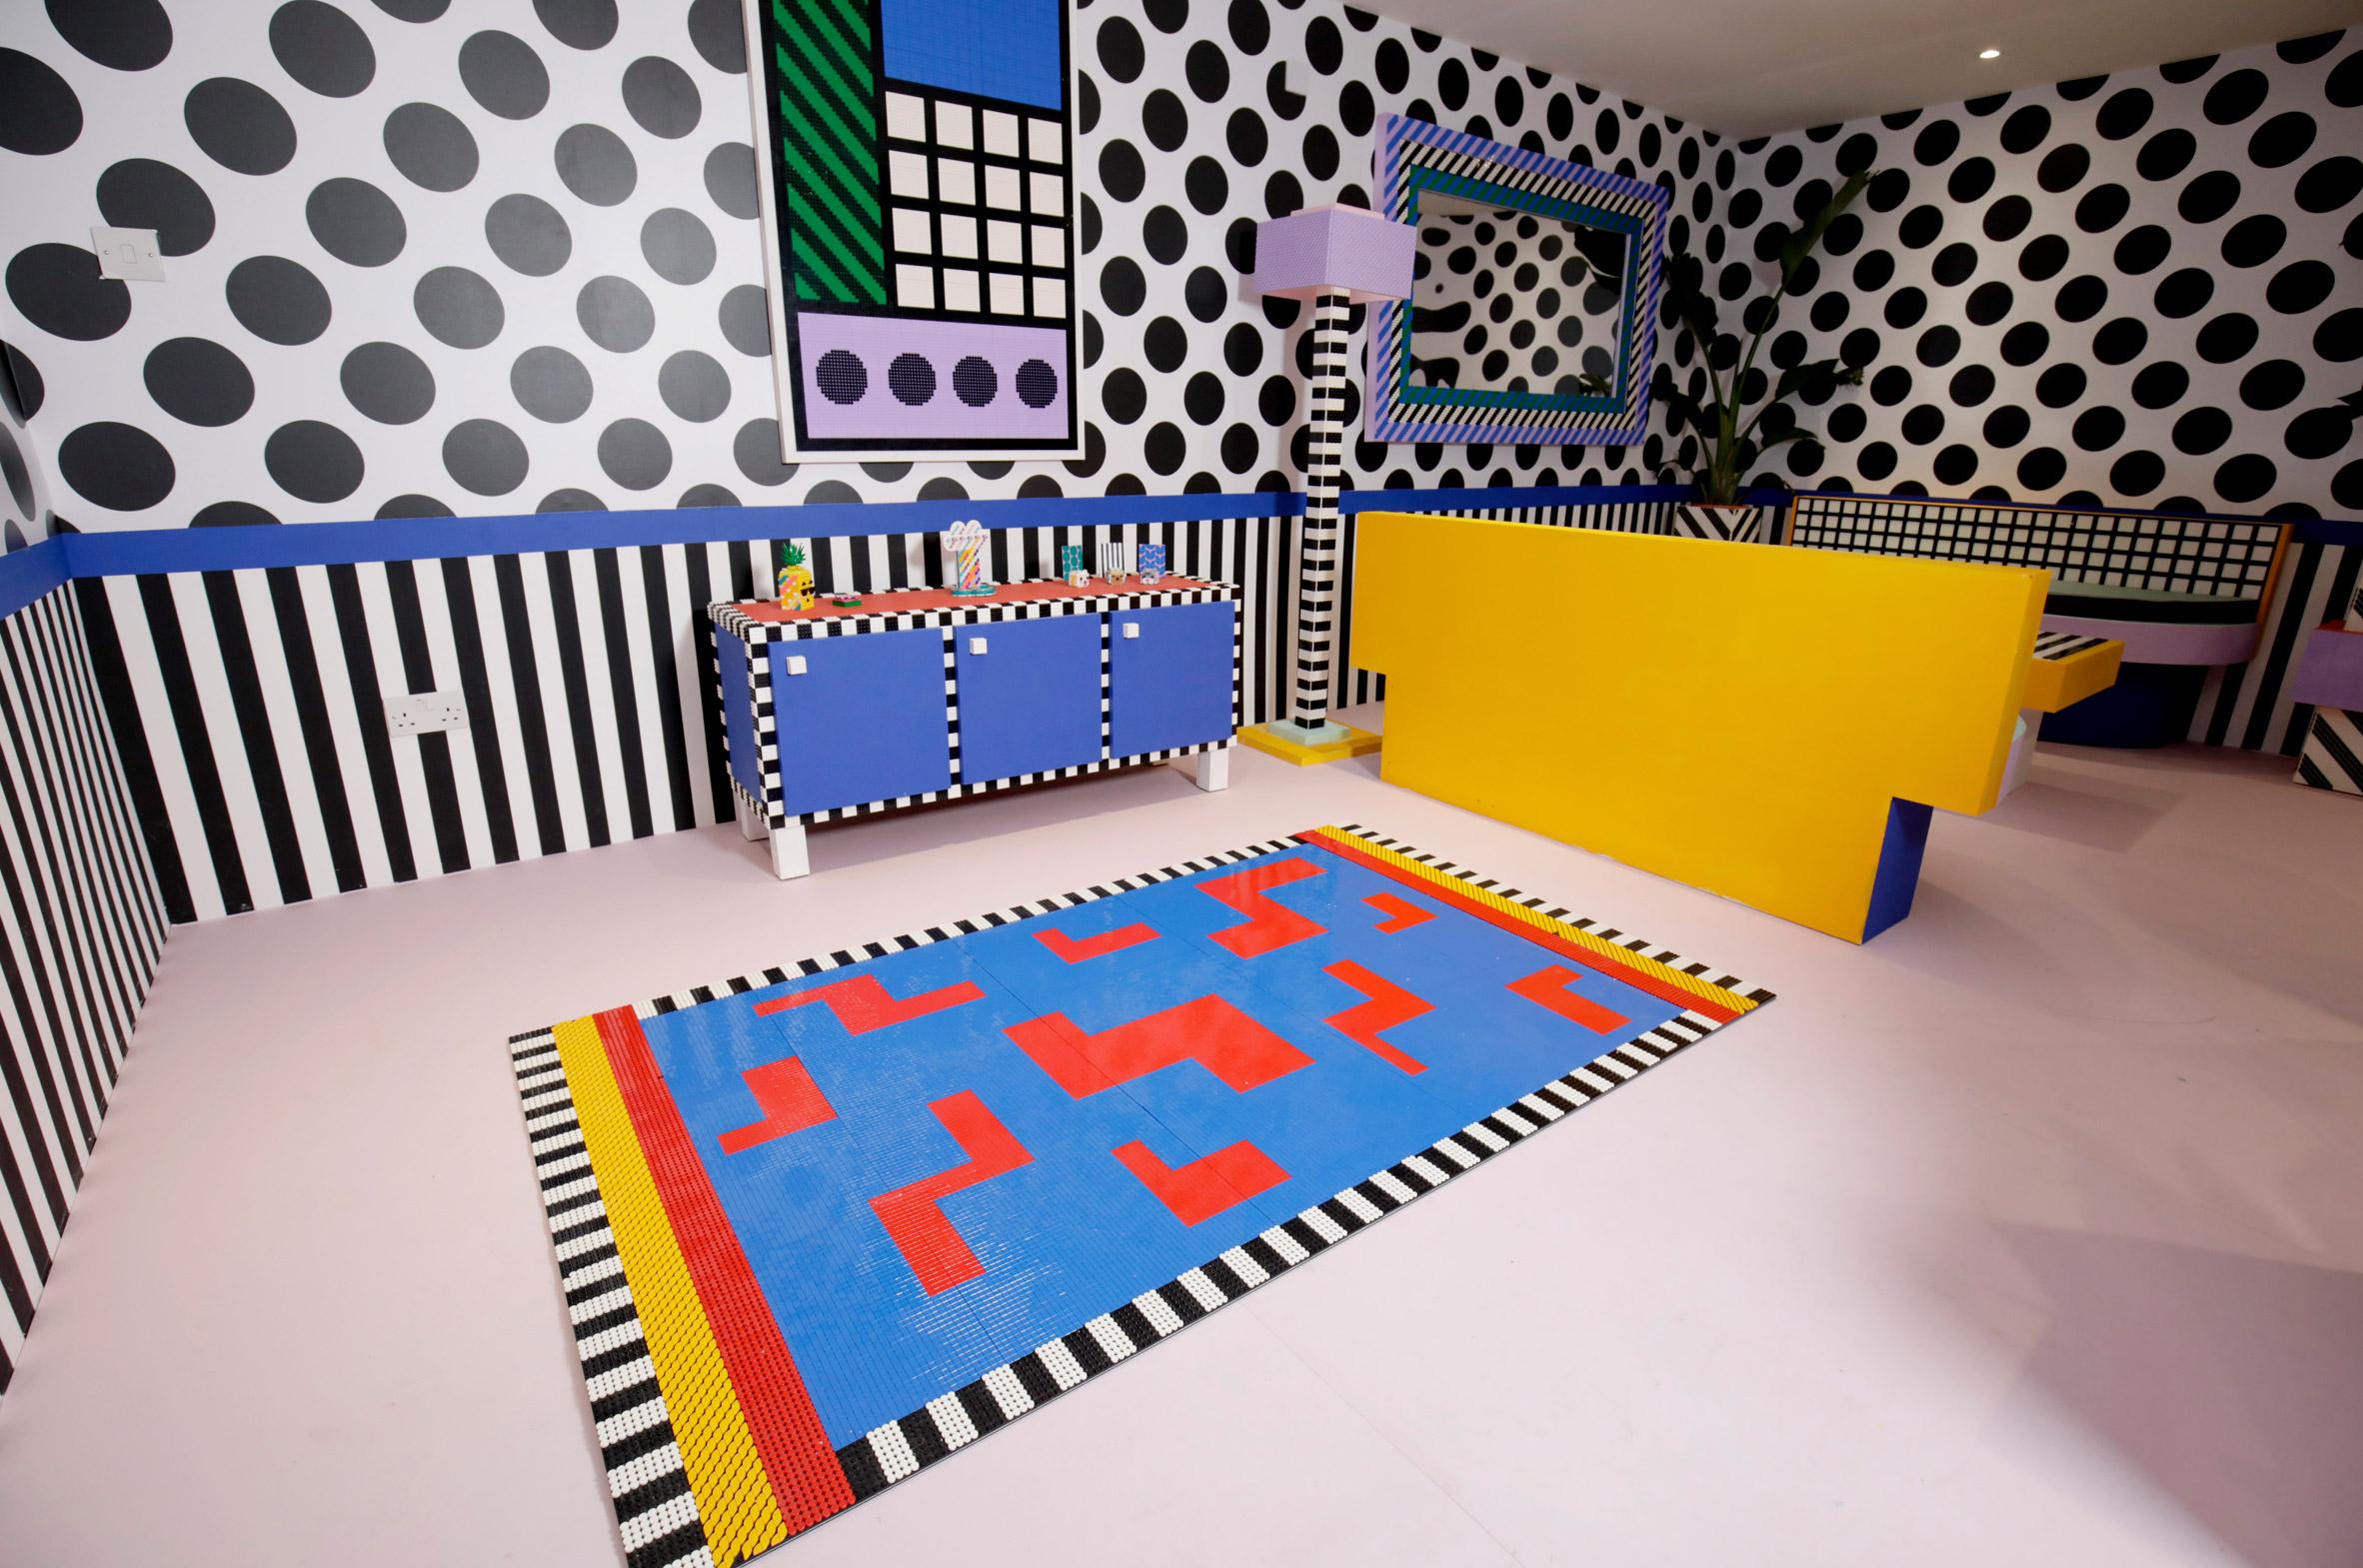 espacio en house of dots de la artista camile walala